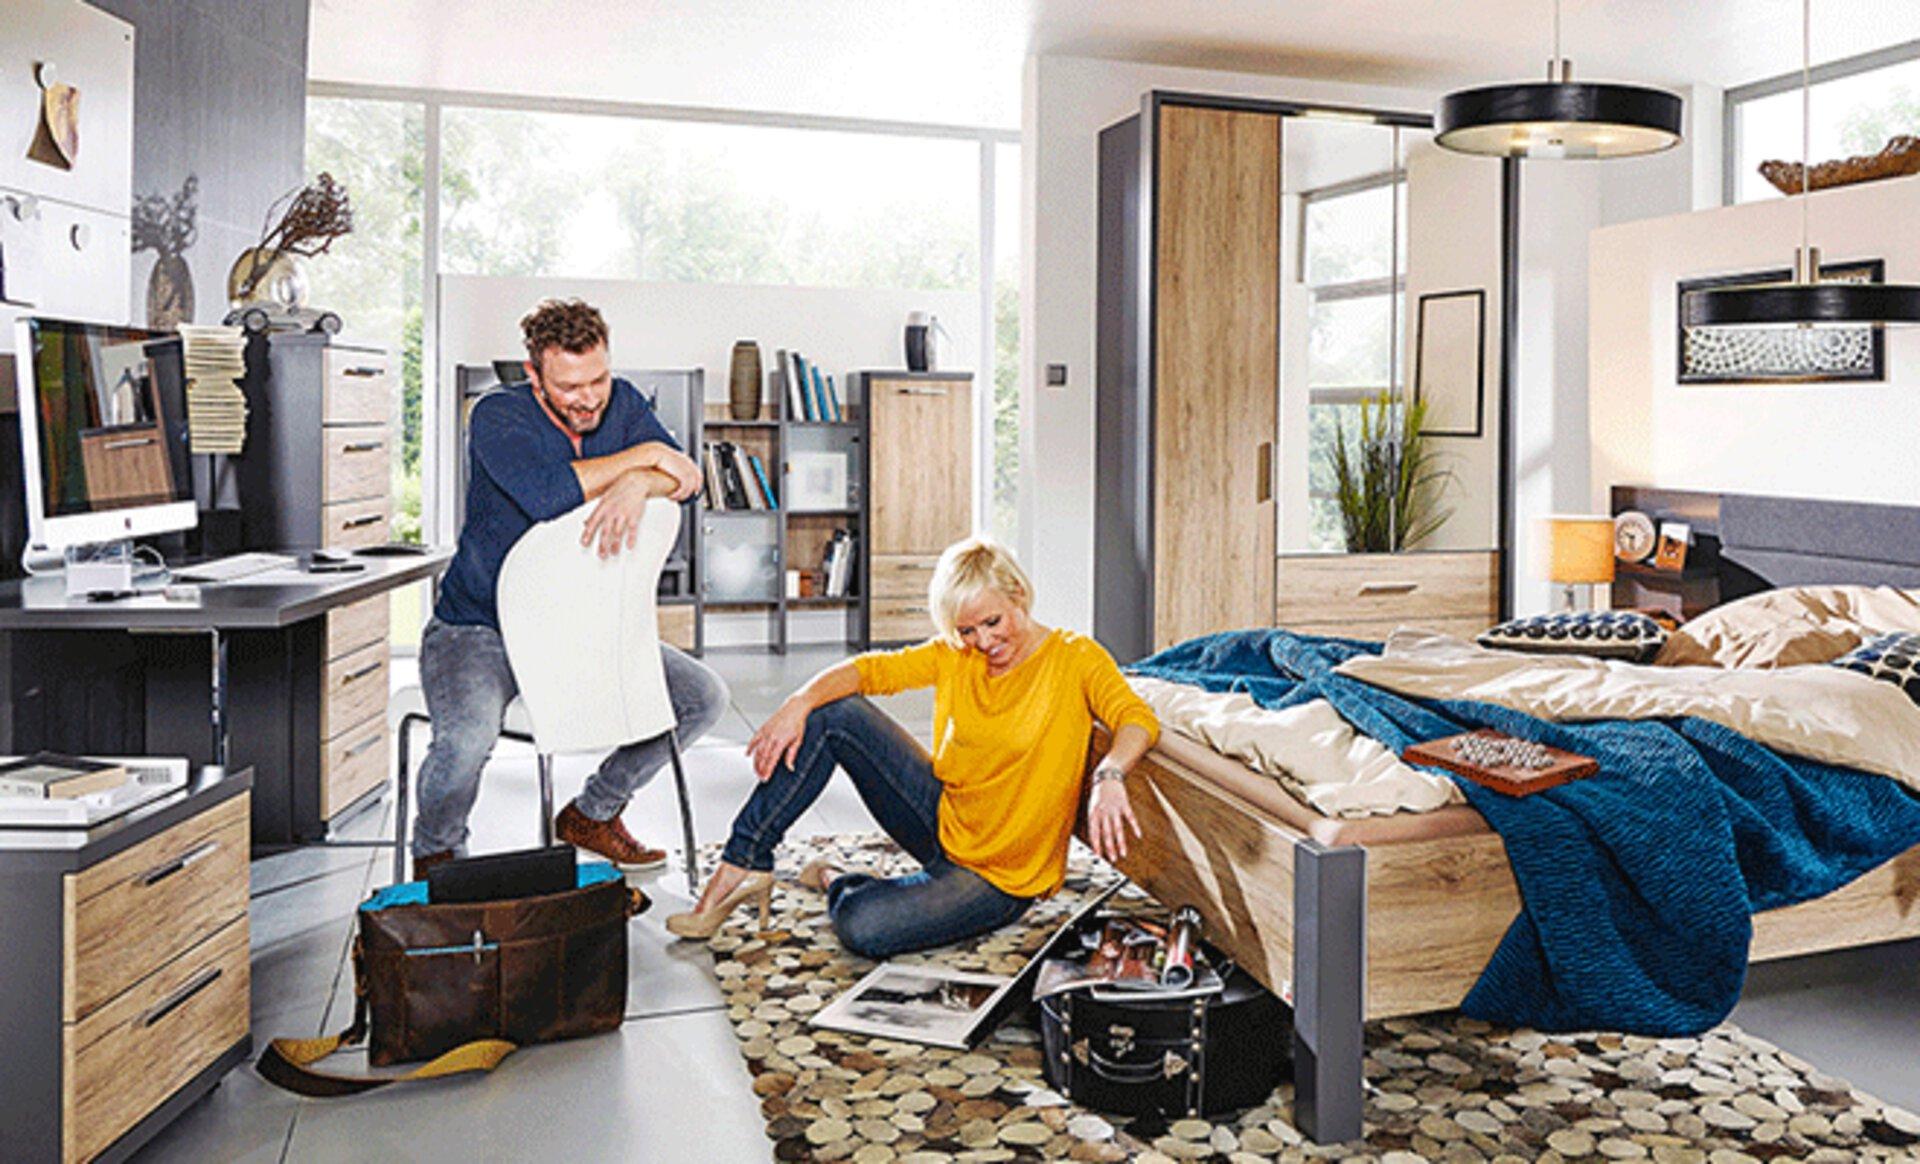 WG-Zimmer Inspirationsbild zeigt gemütliches Zimmer mit Bett, Kleiderschrank, Schreibtisch und diversen Regalen. Möbel aus Holz und die Grundfarbe ist Hellgrau.